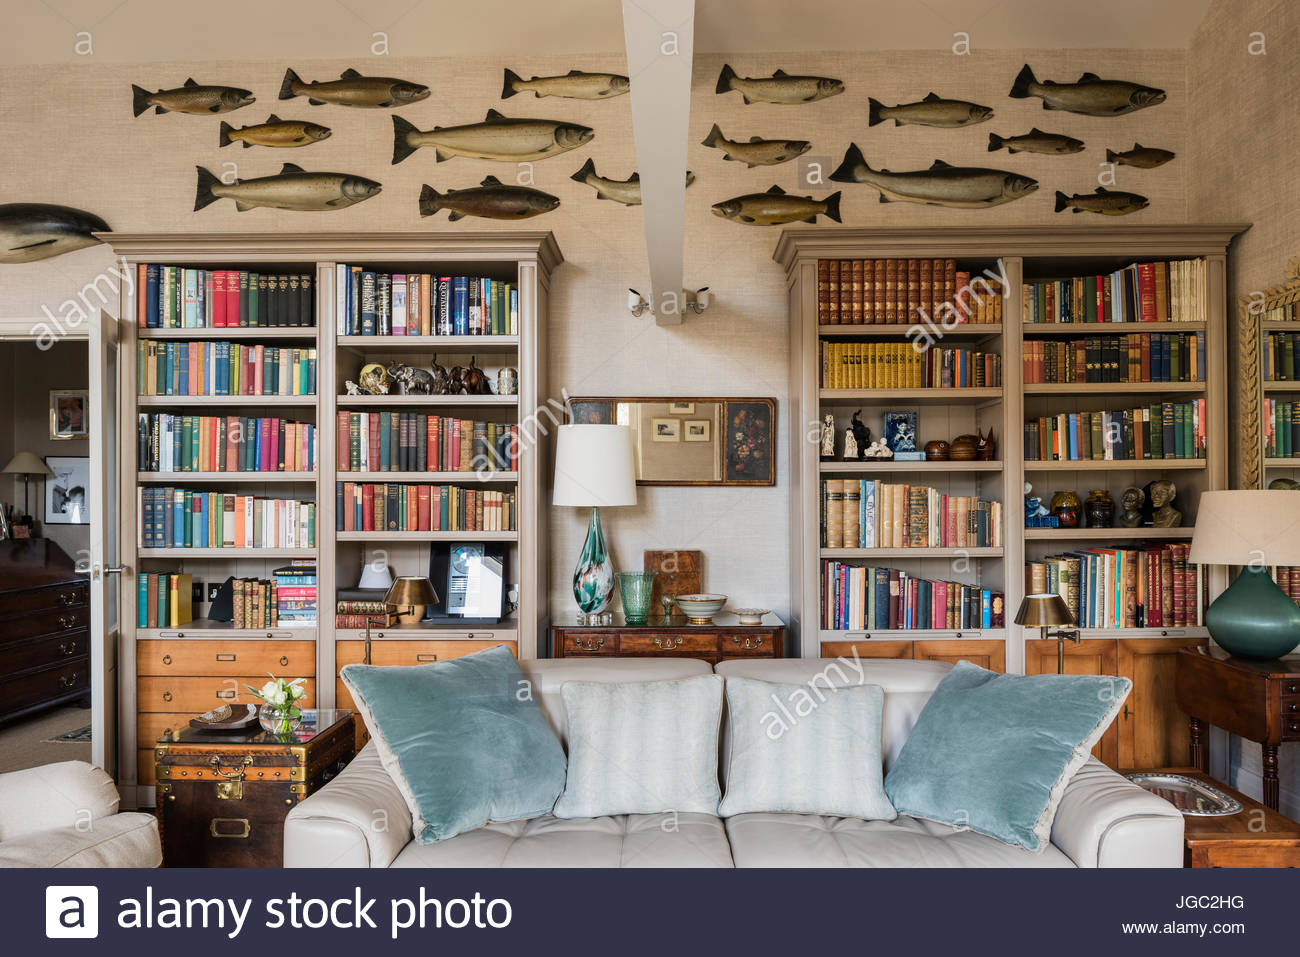 Elegant Sammlung Von Wand Fisch über Bücherregale Im Wohnzimmer